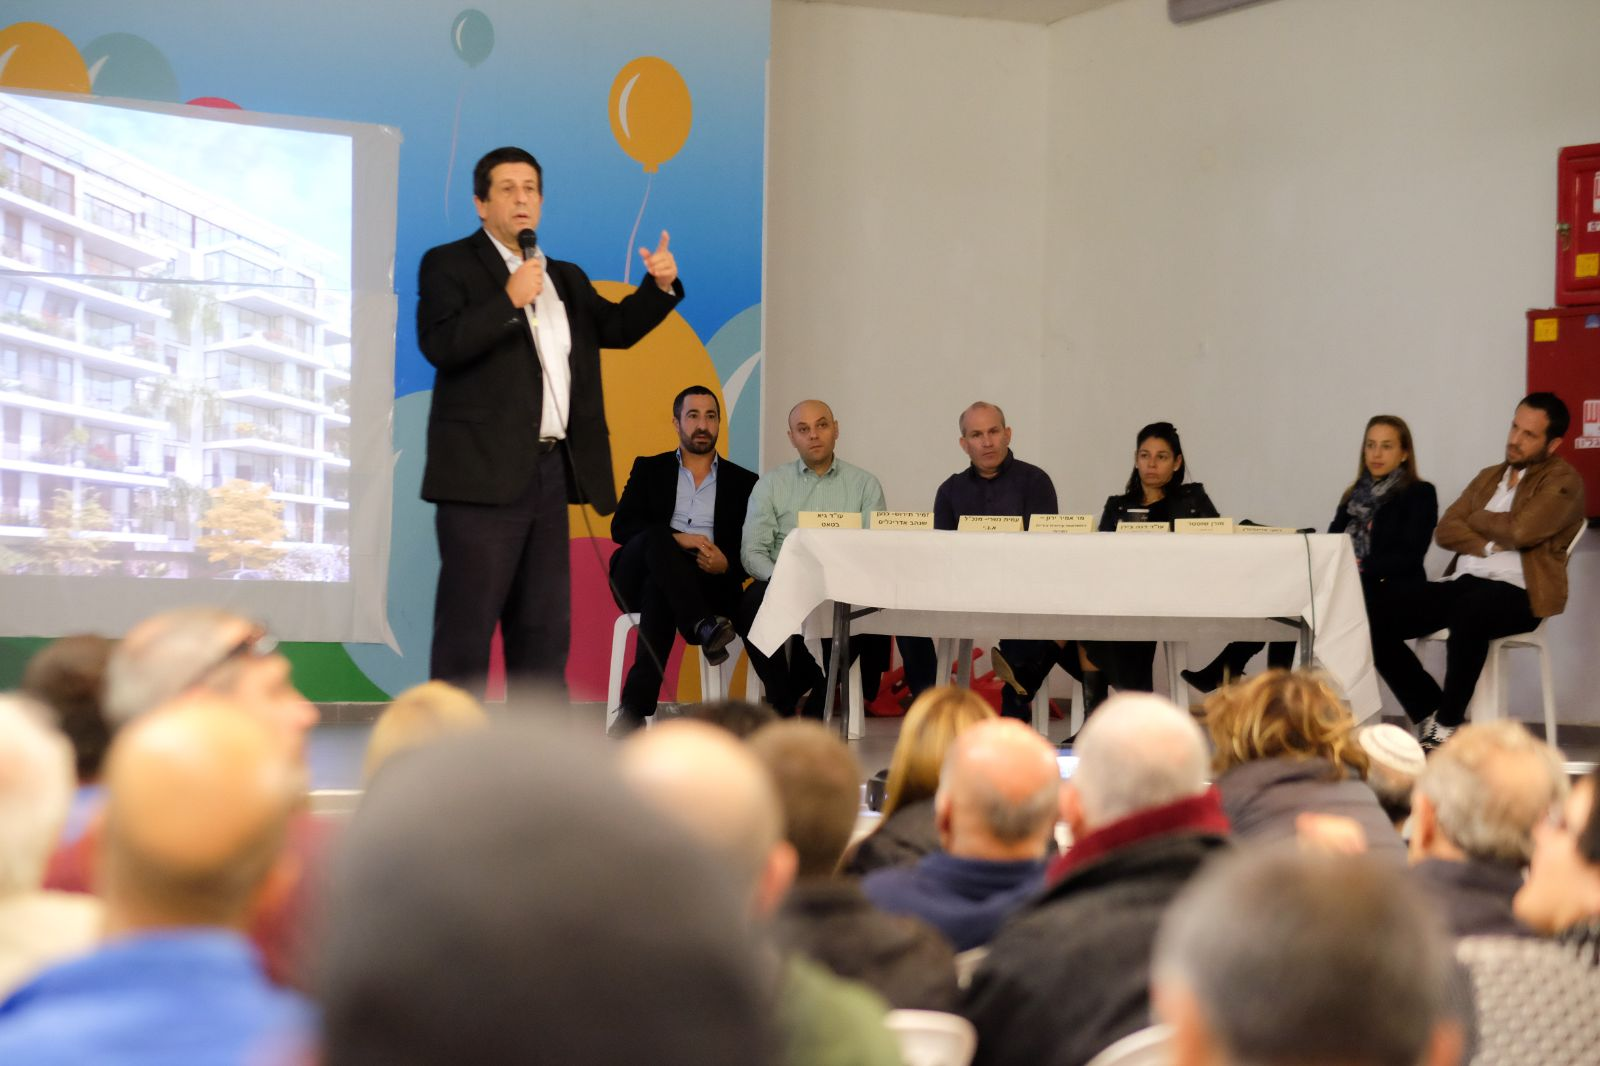 אמיר ירון בכנס עם תושבי כפר גבירול (צילום: אסף ספקטור)